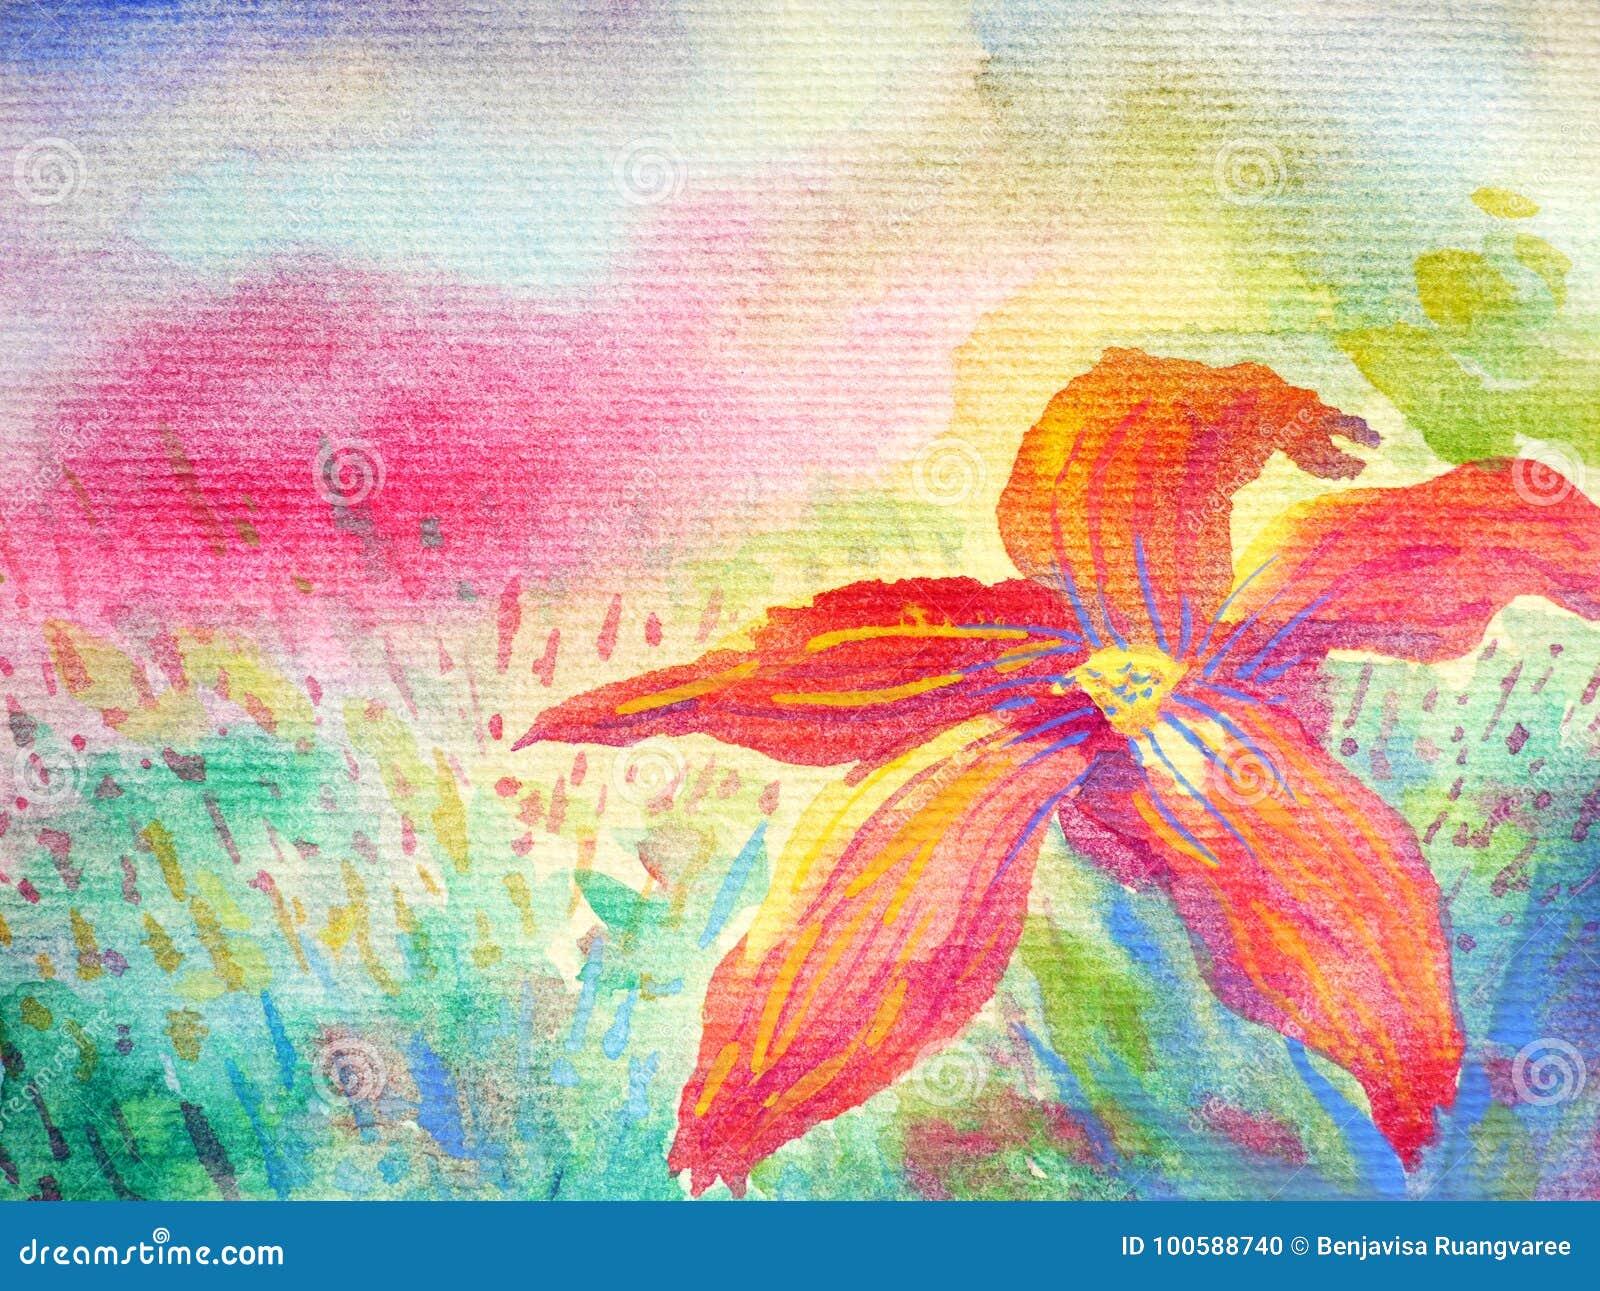 Flor Vermelha Grande No Primeiro Plano E No Fundo Colorido Do Céu ...